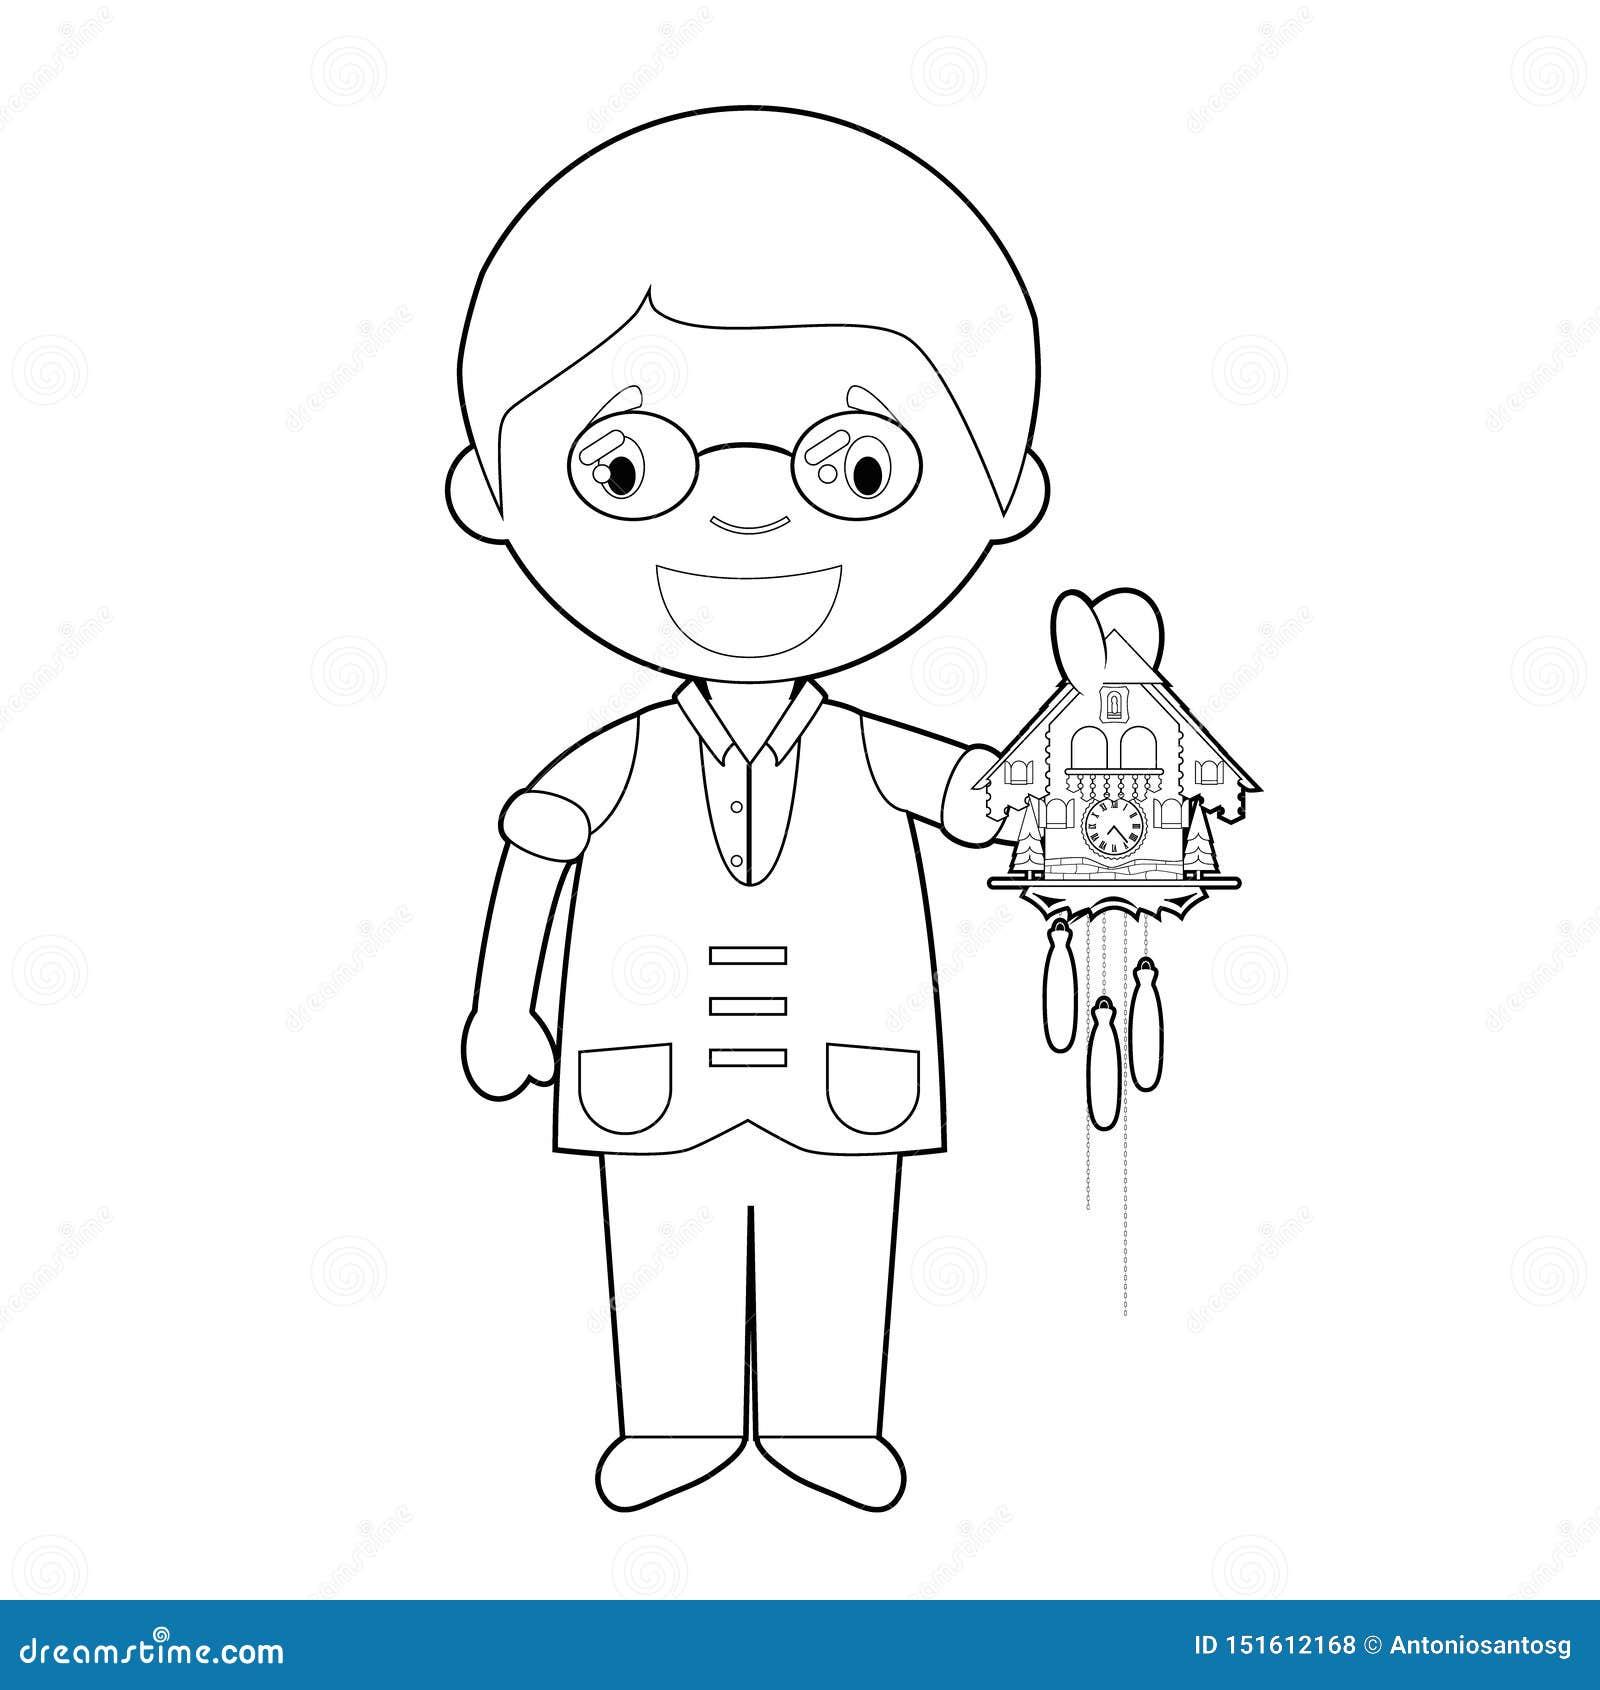 Personaje De Dibujos Animados Facil Del Relojero Que Colorea De